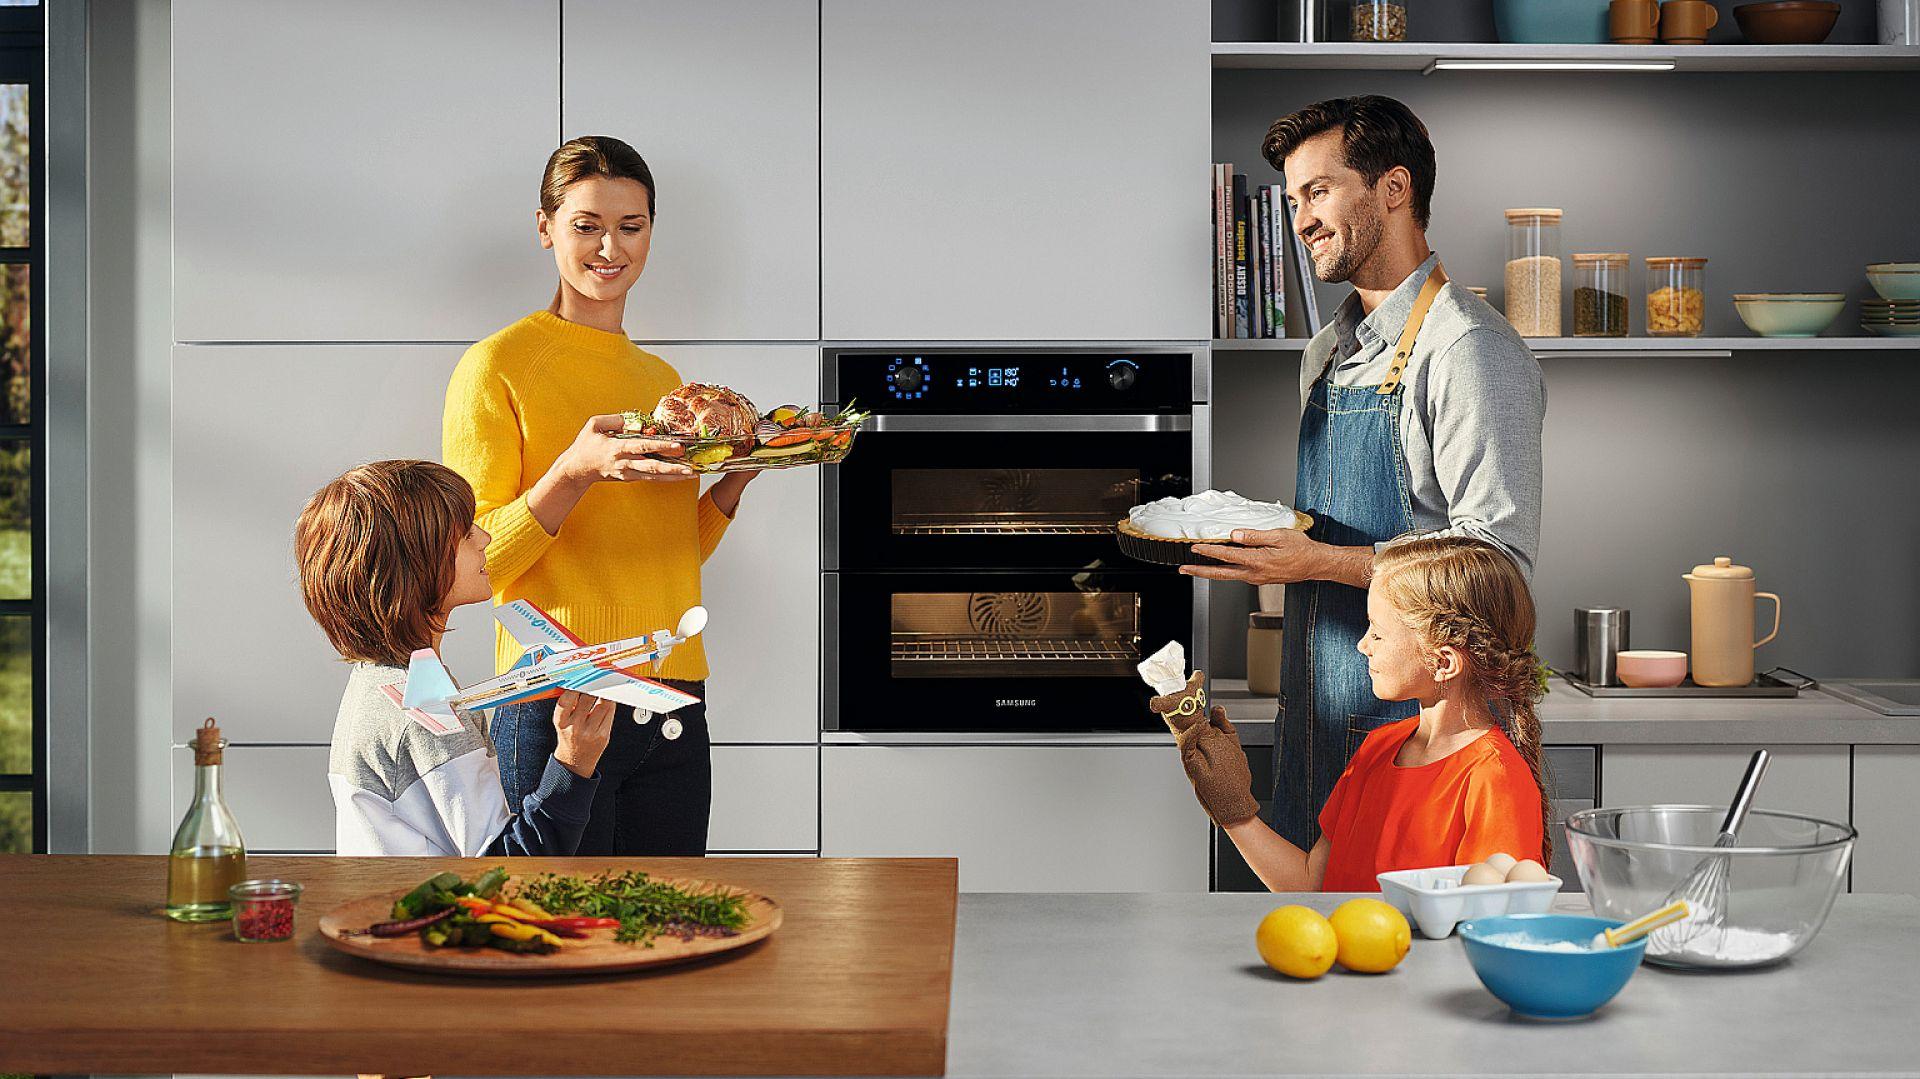 DUAL COOK - piekarnik, którego wnętrze można podzielić na dwie komory i ustawić w nich dwa niezależne tryby oraz odmienne temperatury. Dzięki dzielonym drzwiom możemy np. doglądać pieczeń bez ryzyka, że rosnący na dole sernik utraci ciepło i opadanie. Fot. Samsung